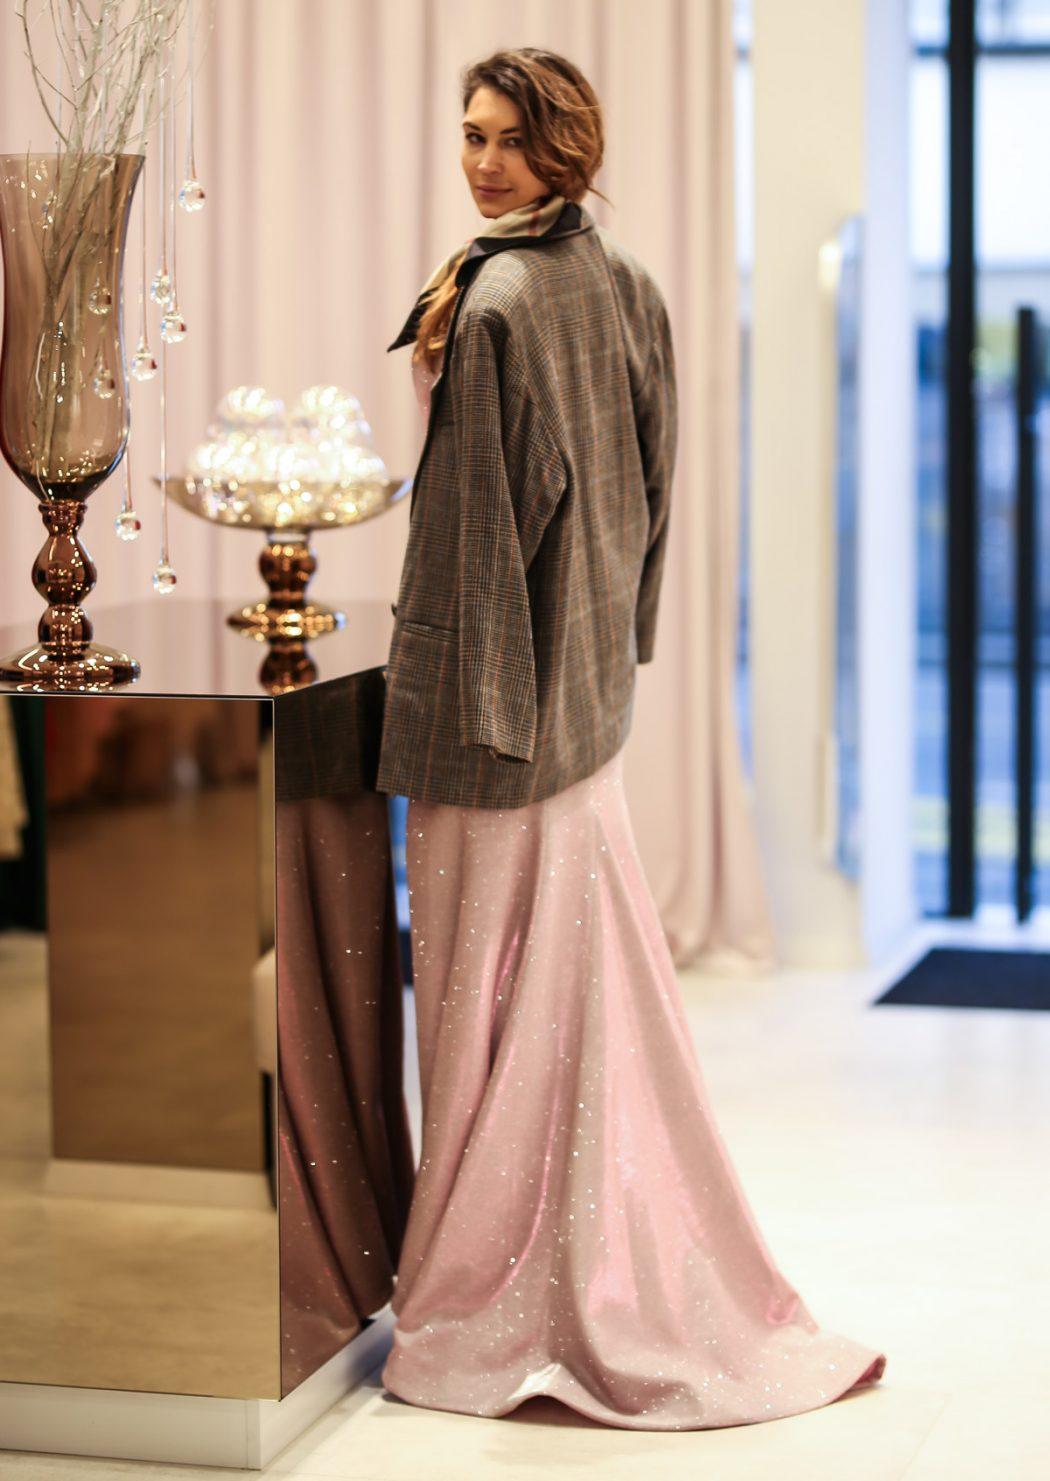 S arhitekticom Ivanom Vrban odjenuli raskošne haljine i pregledali novu trgovinu